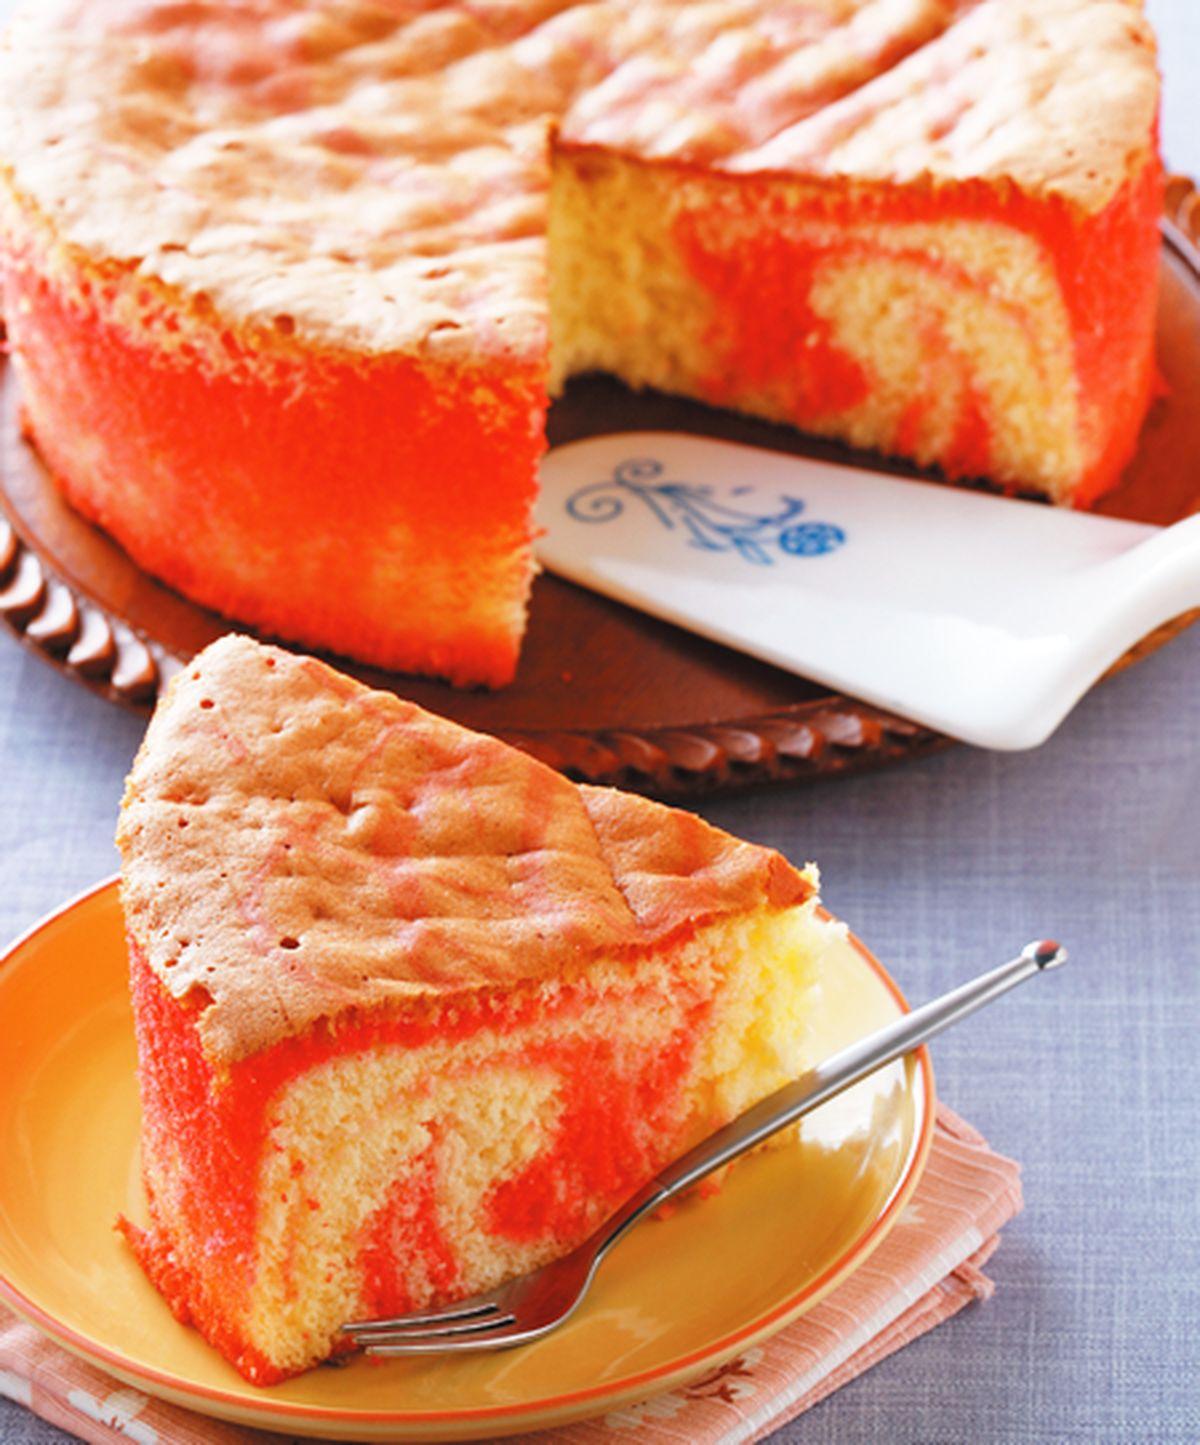 食譜:蔓越莓大理石蛋糕